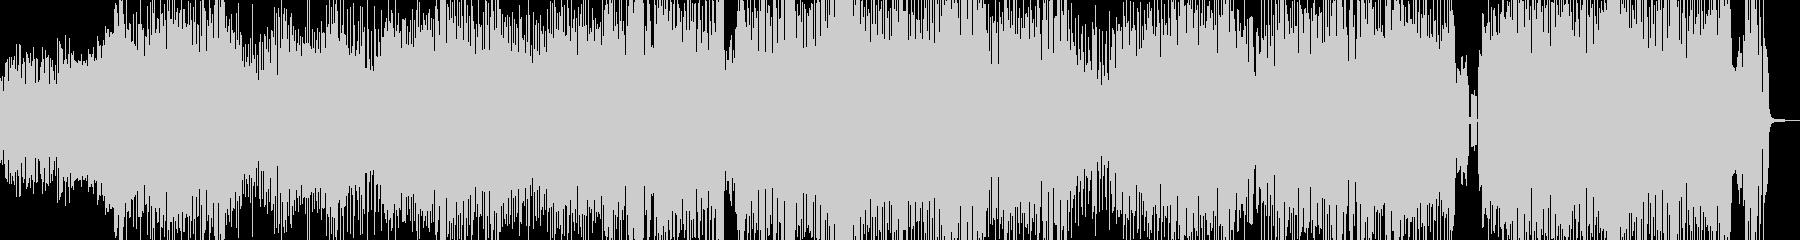 クセになるメロディのコミカルテクノ+掛声の未再生の波形